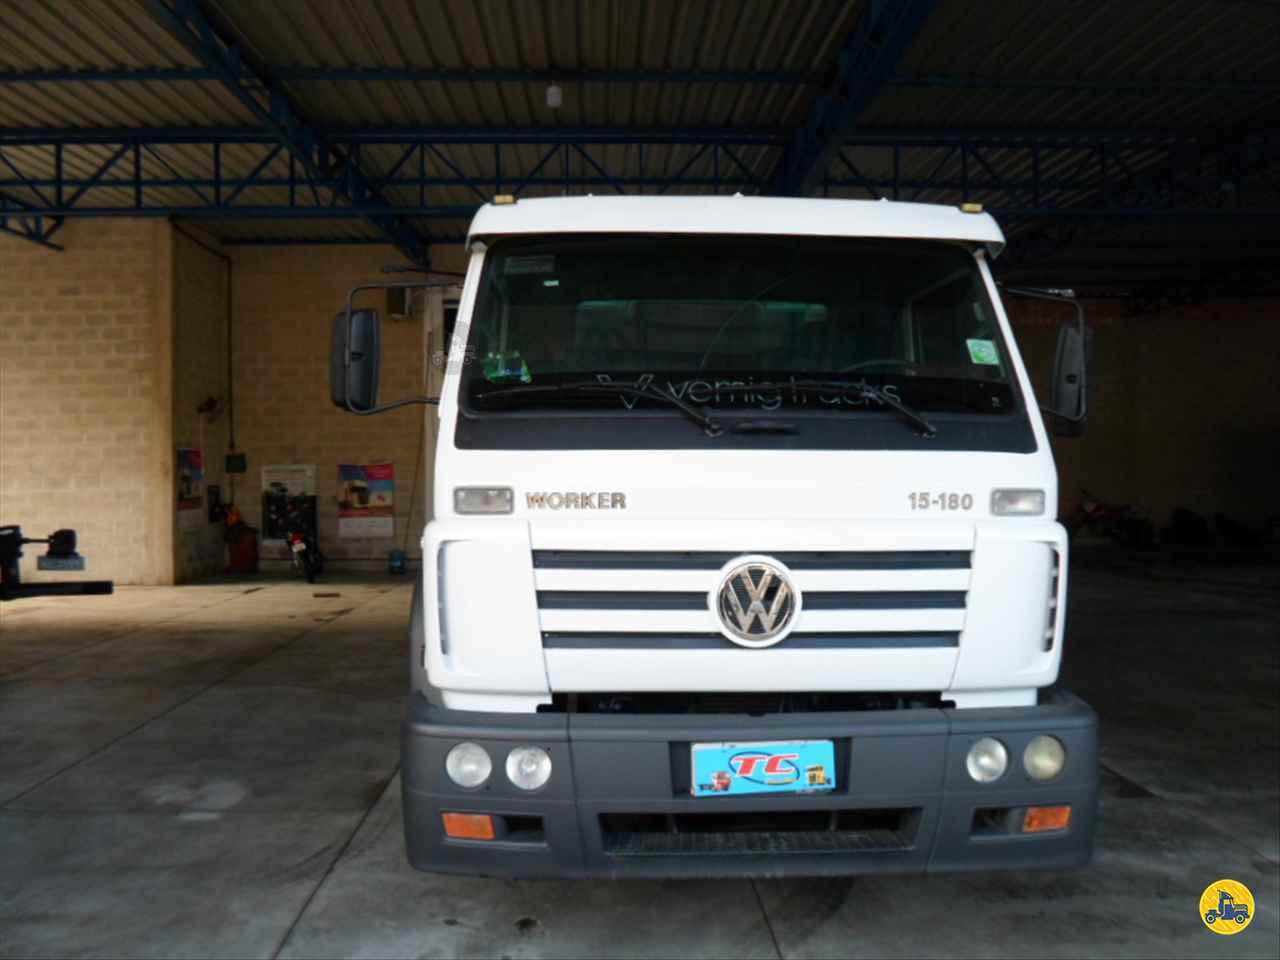 CAMINHAO VOLKSWAGEN VW 15180 Caçamba Basculante 3/4 4x2 TC Caminhões  BELO HORIZONTE MINAS GERAIS MG